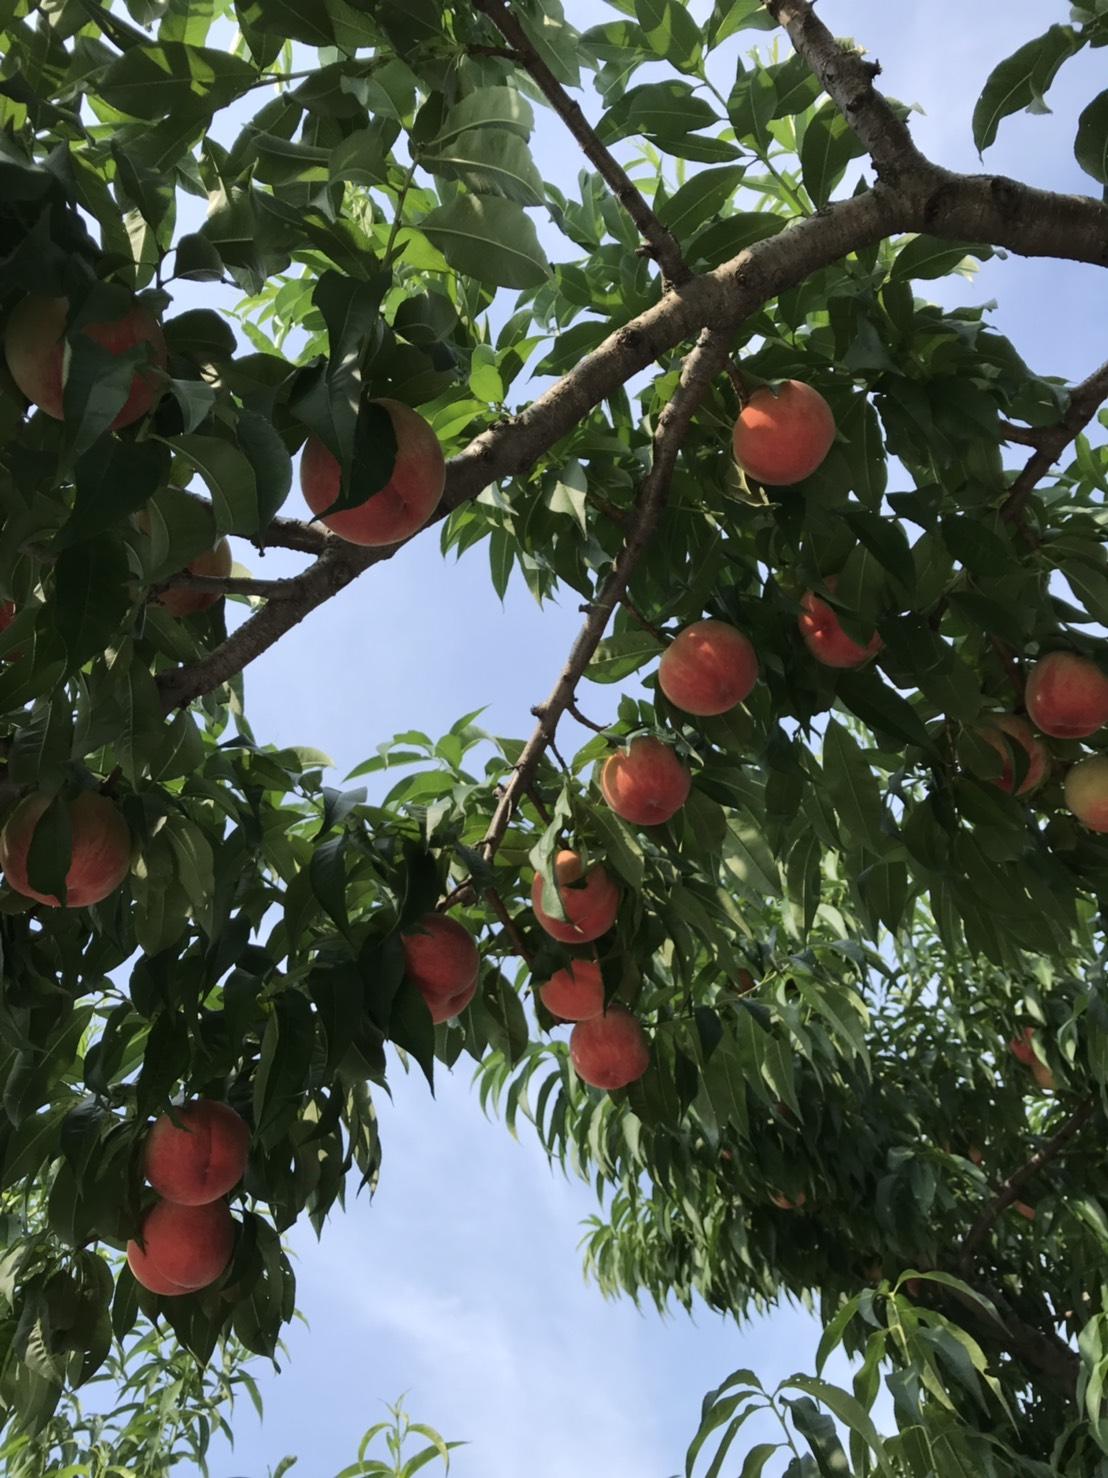 8月上旬の桃畑(あかつき❷)